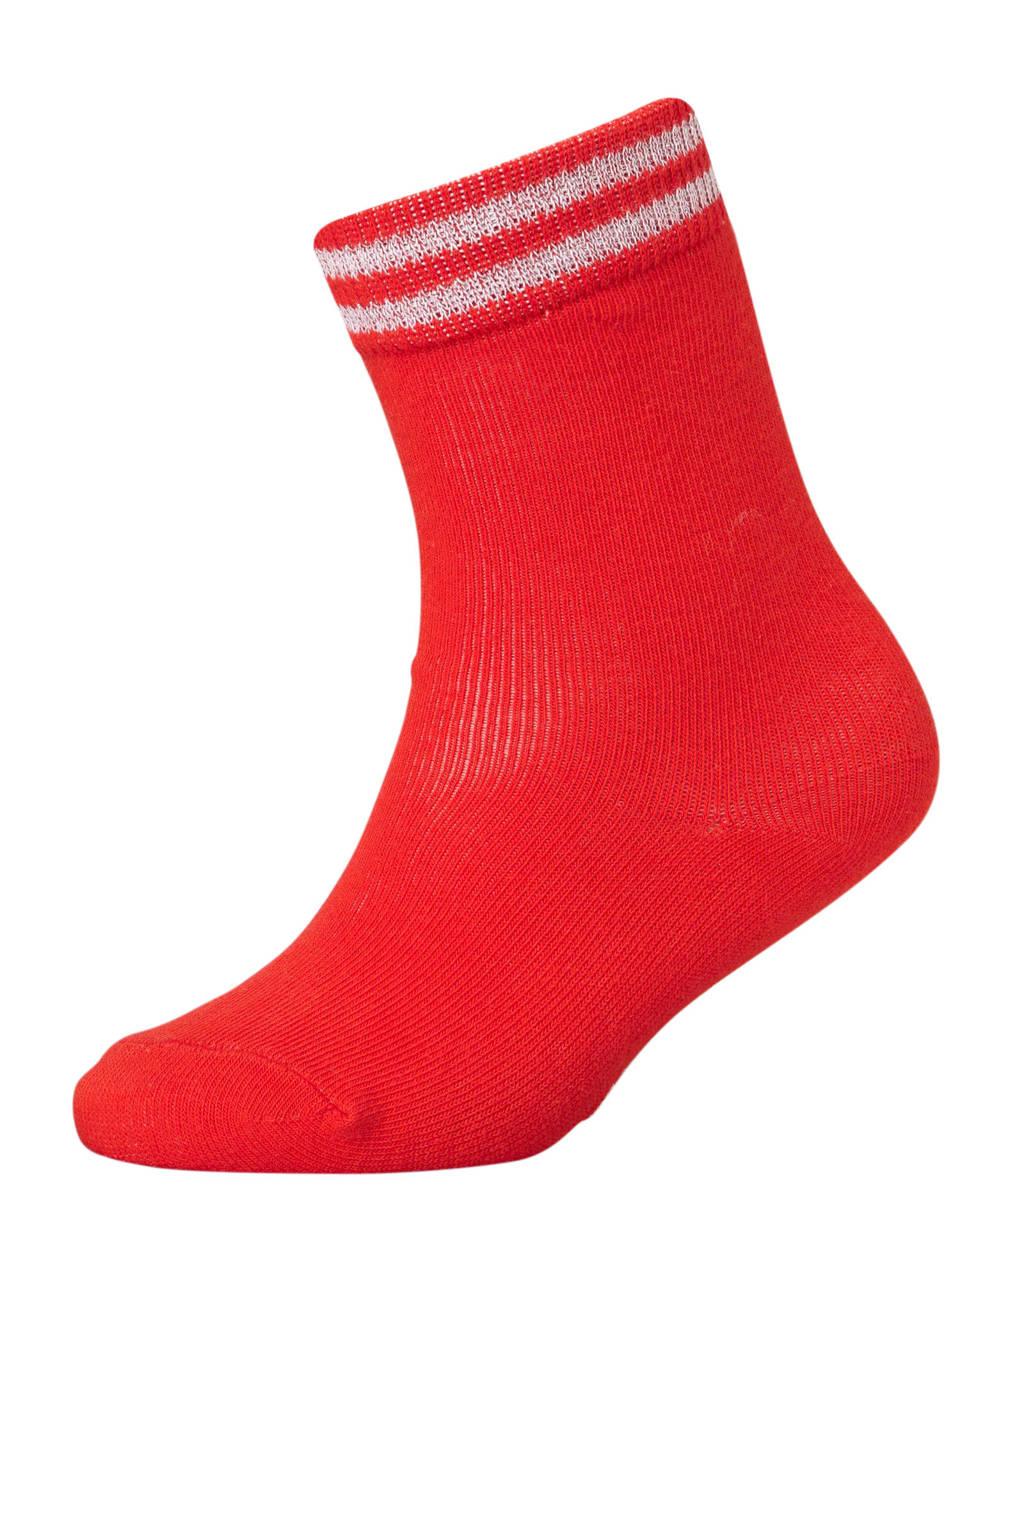 LEVV sokken rood, Rood/wit